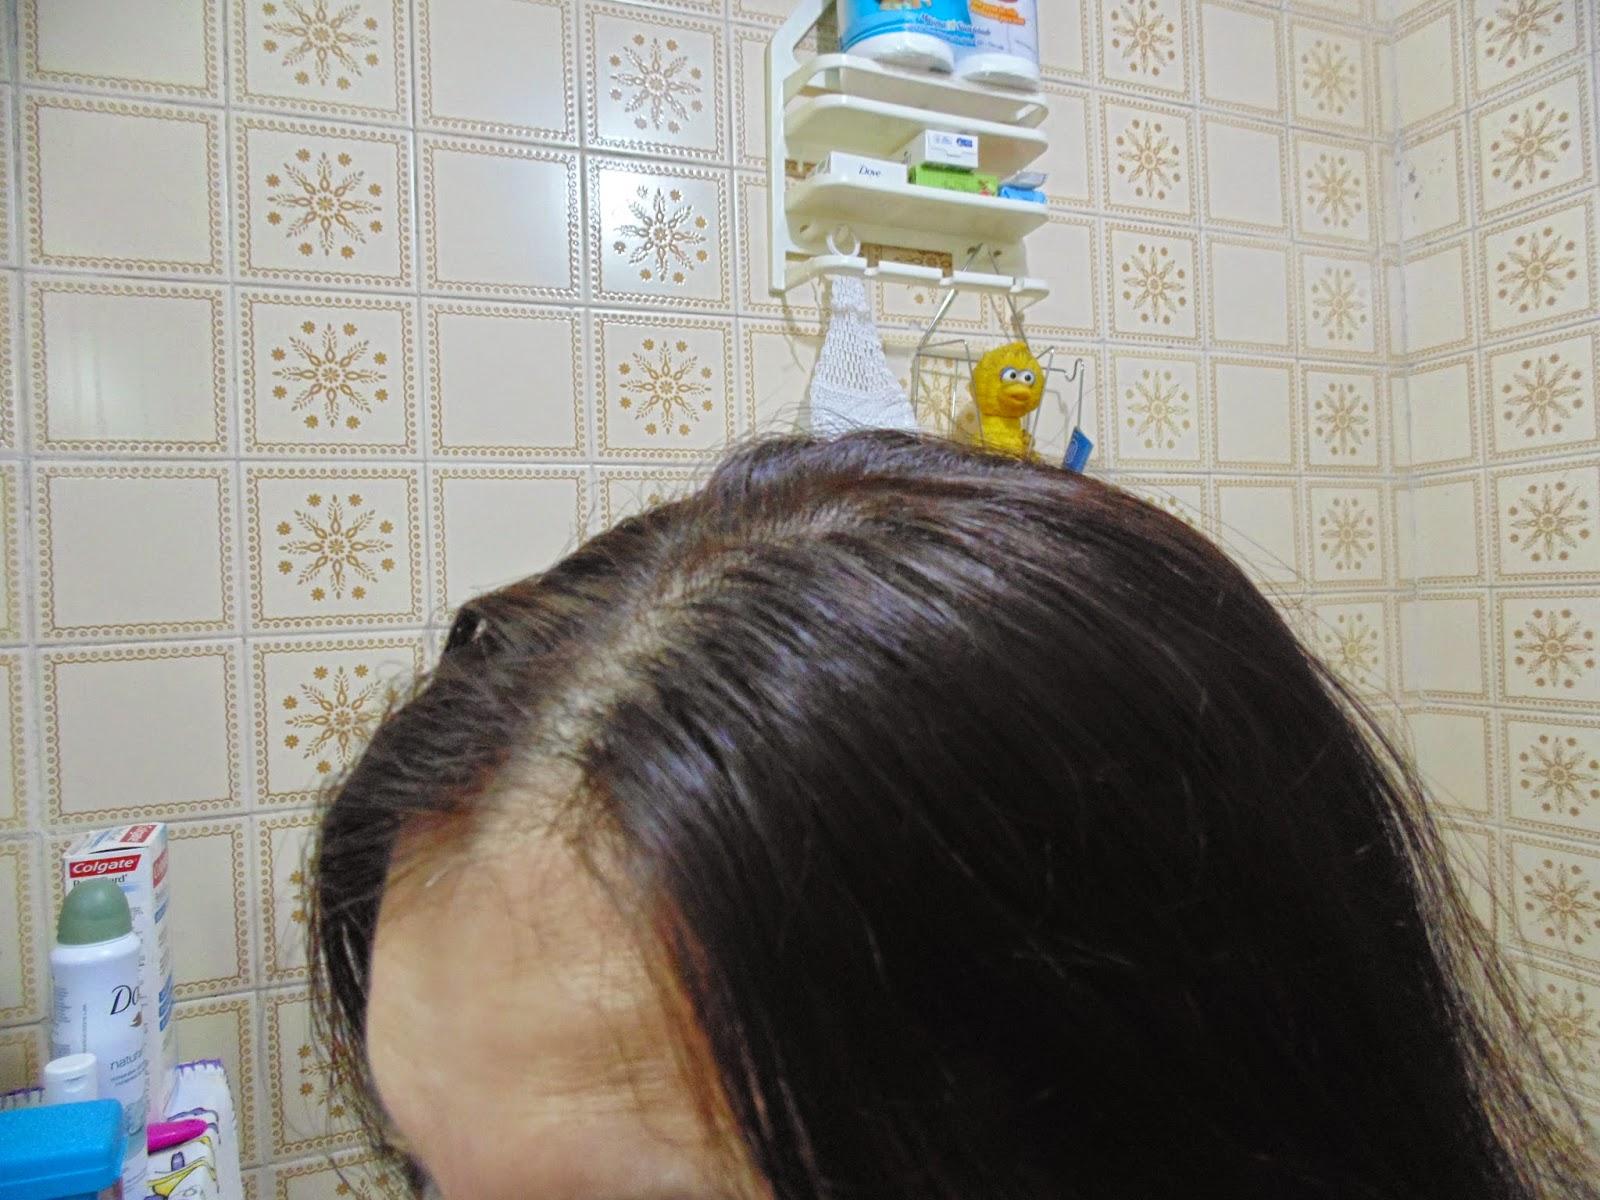 Pintar cabelo, Tinta da Loreal, Resultado, Tingir em casa, Revheim Dicas